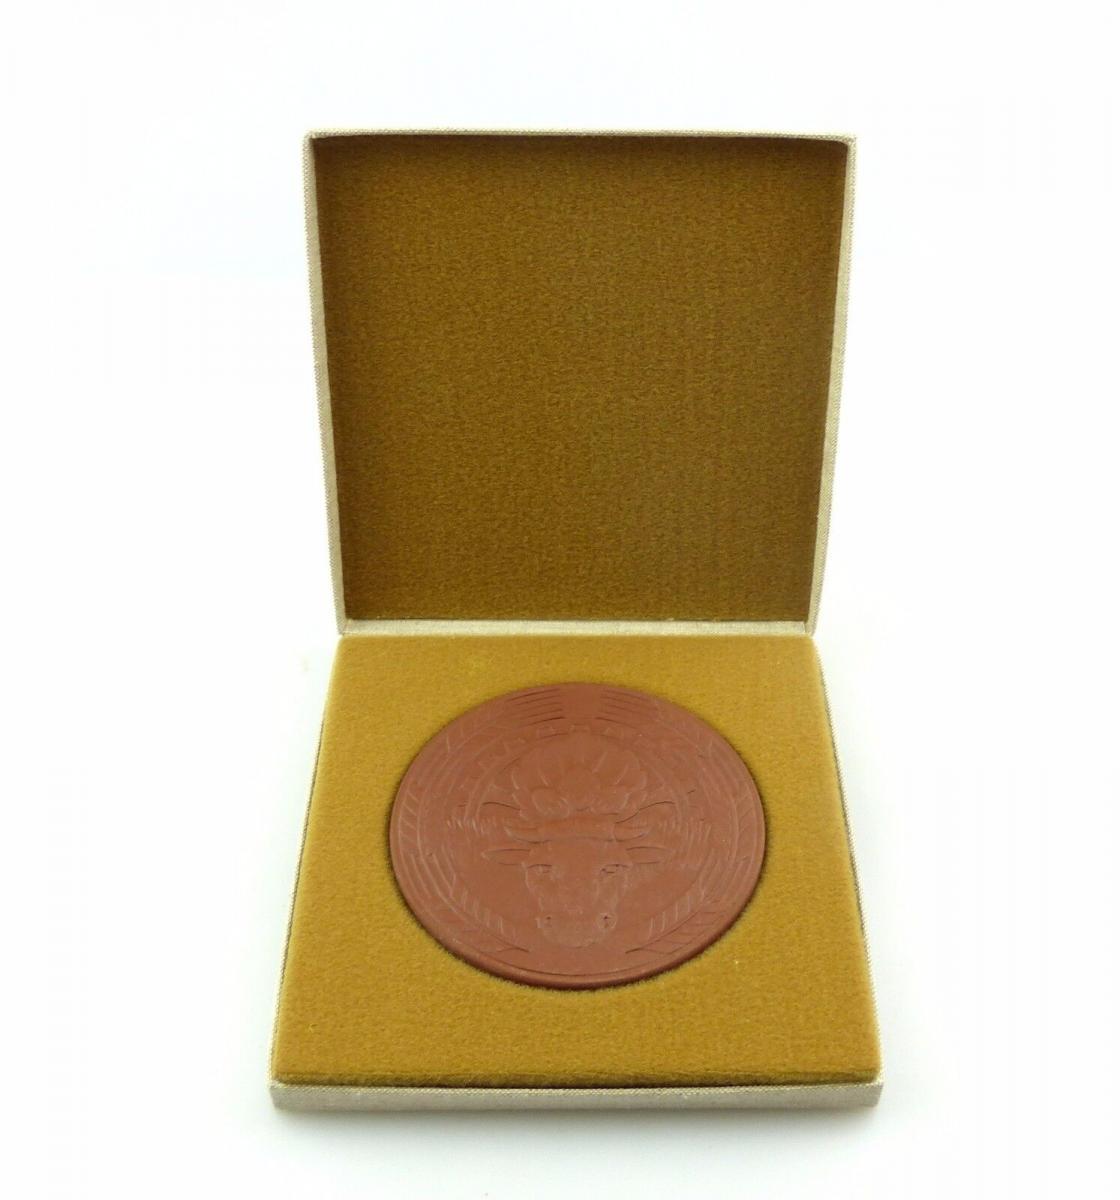 #e7903 Meissen Medaille LPG (T) Otto Buchwitz Hasslau Kuh, Haselnüsse